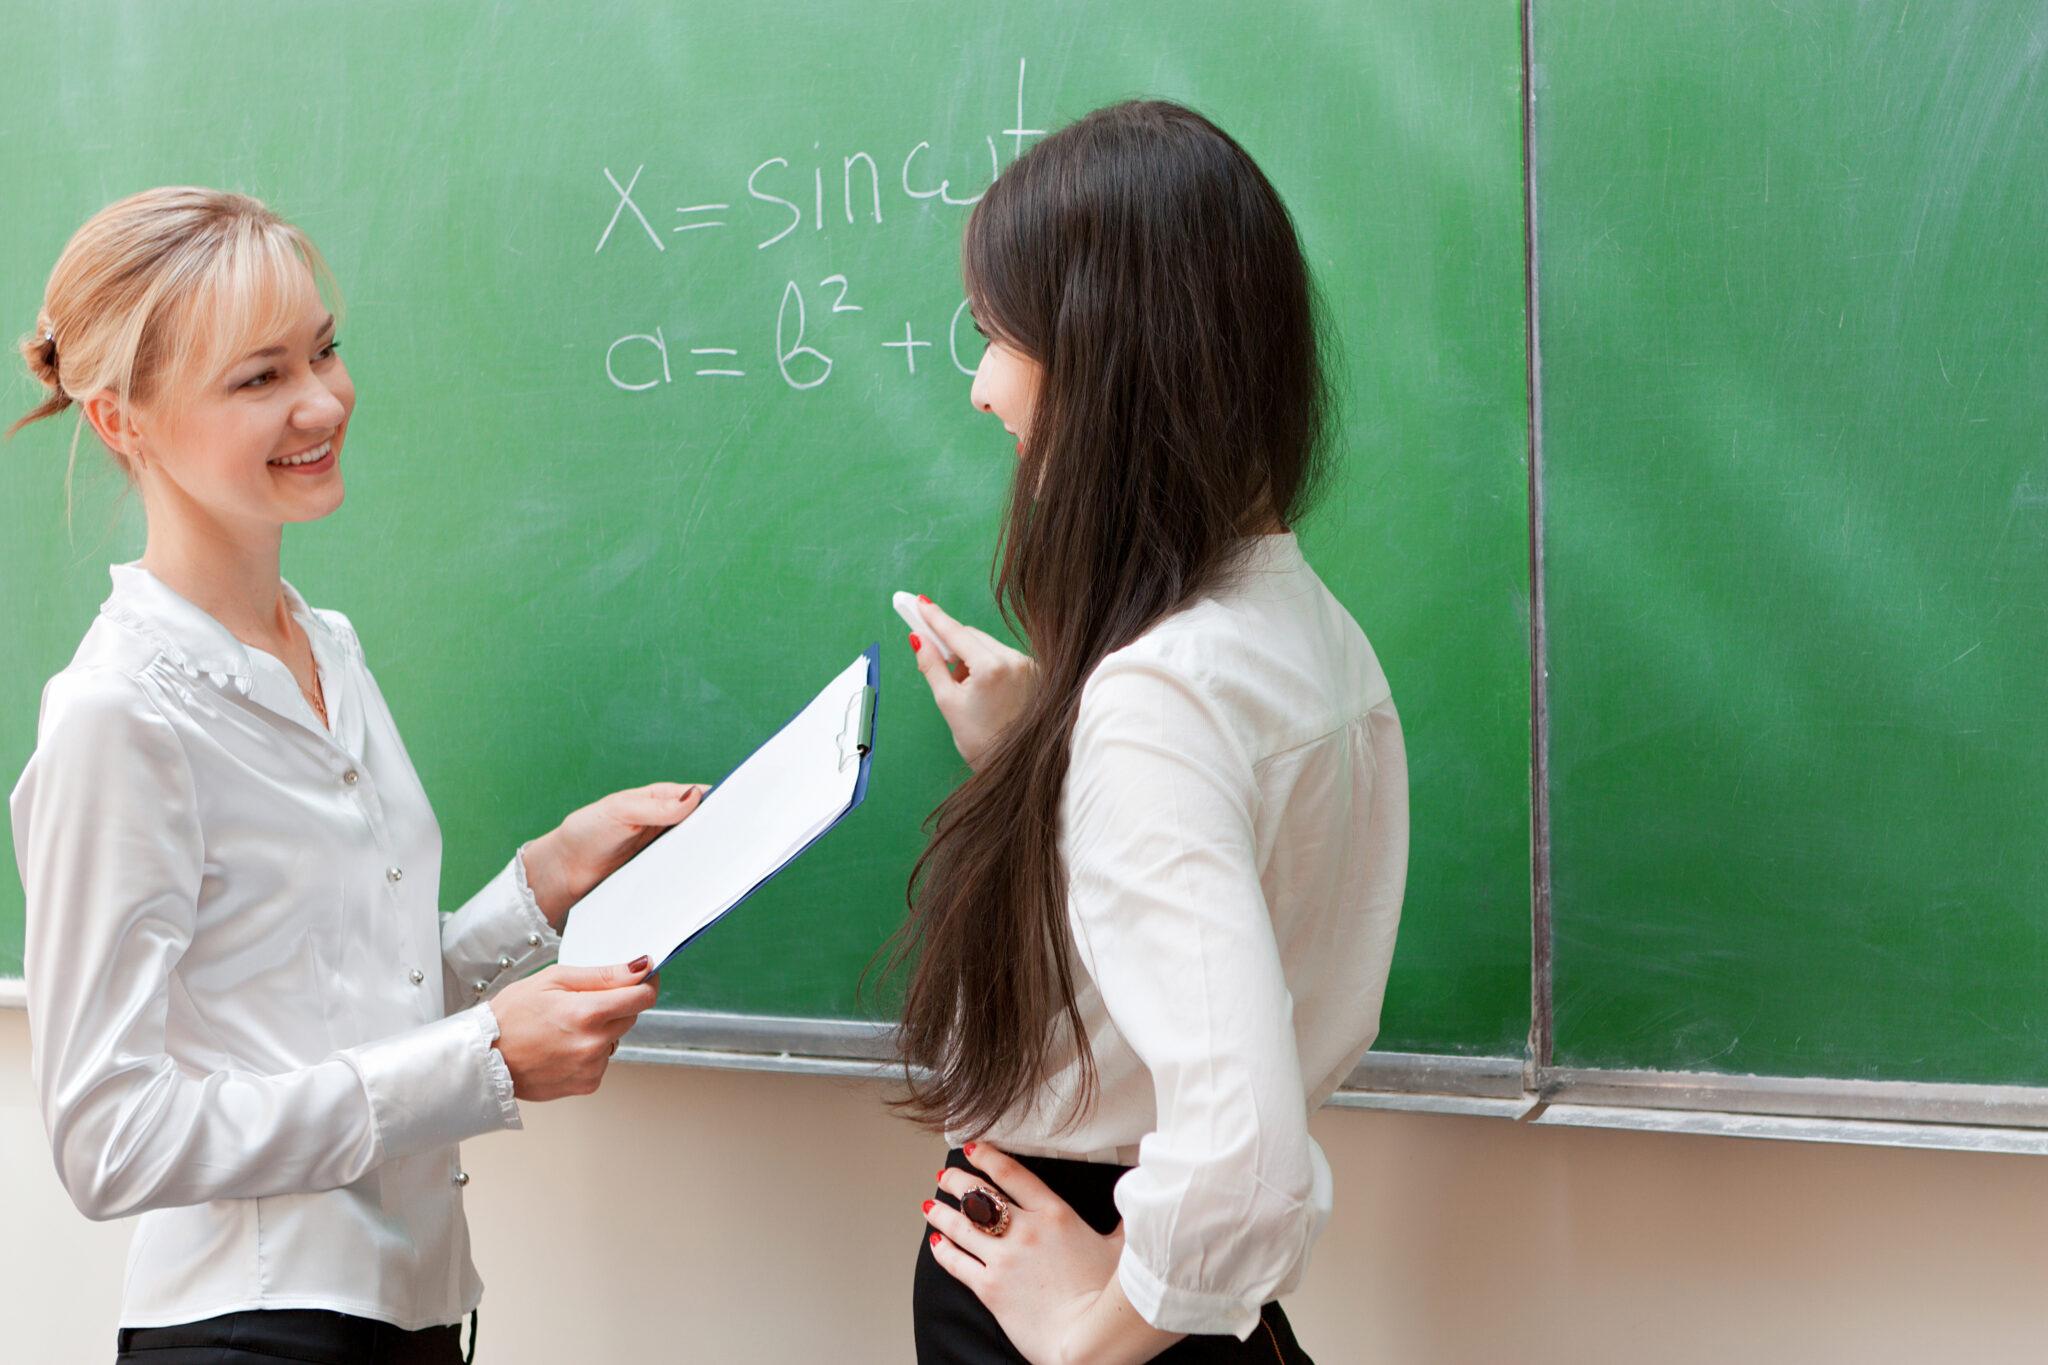 Traemos un nuevo trabajo para Profesor de Secundaria para dar clases de Lengua y Literatura y Valenciano. ¡Encuentra empleo de Profesor con CVExpres!